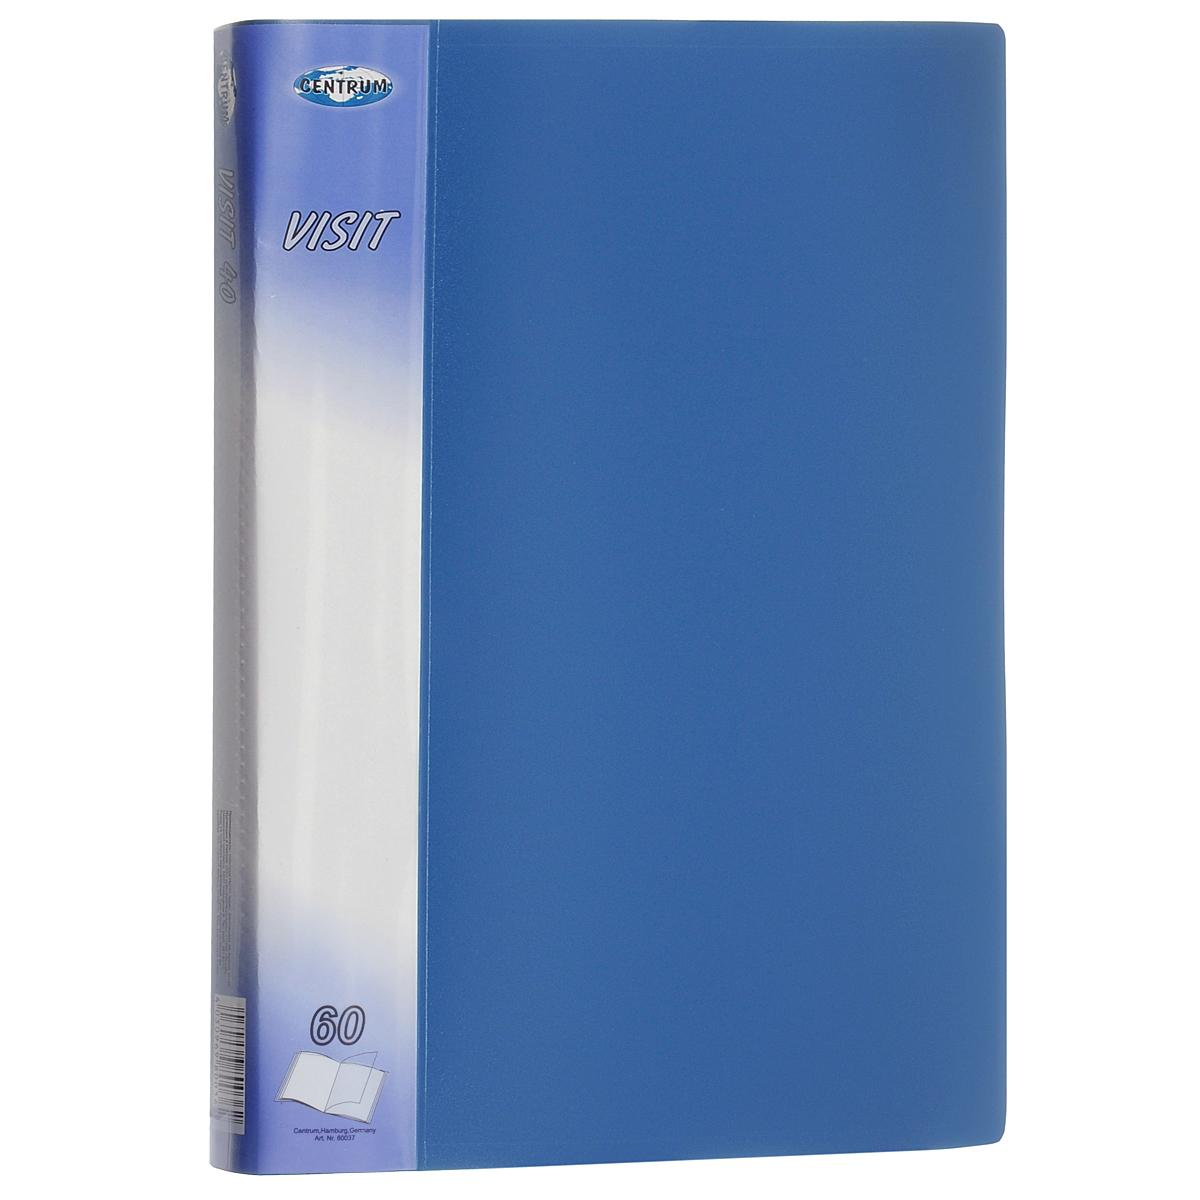 Папка Centrum Visit, 60 файлов, цвет: голубой. Формат А4 папки канцелярские centrum папка регистр а4 5 см фиолетовая